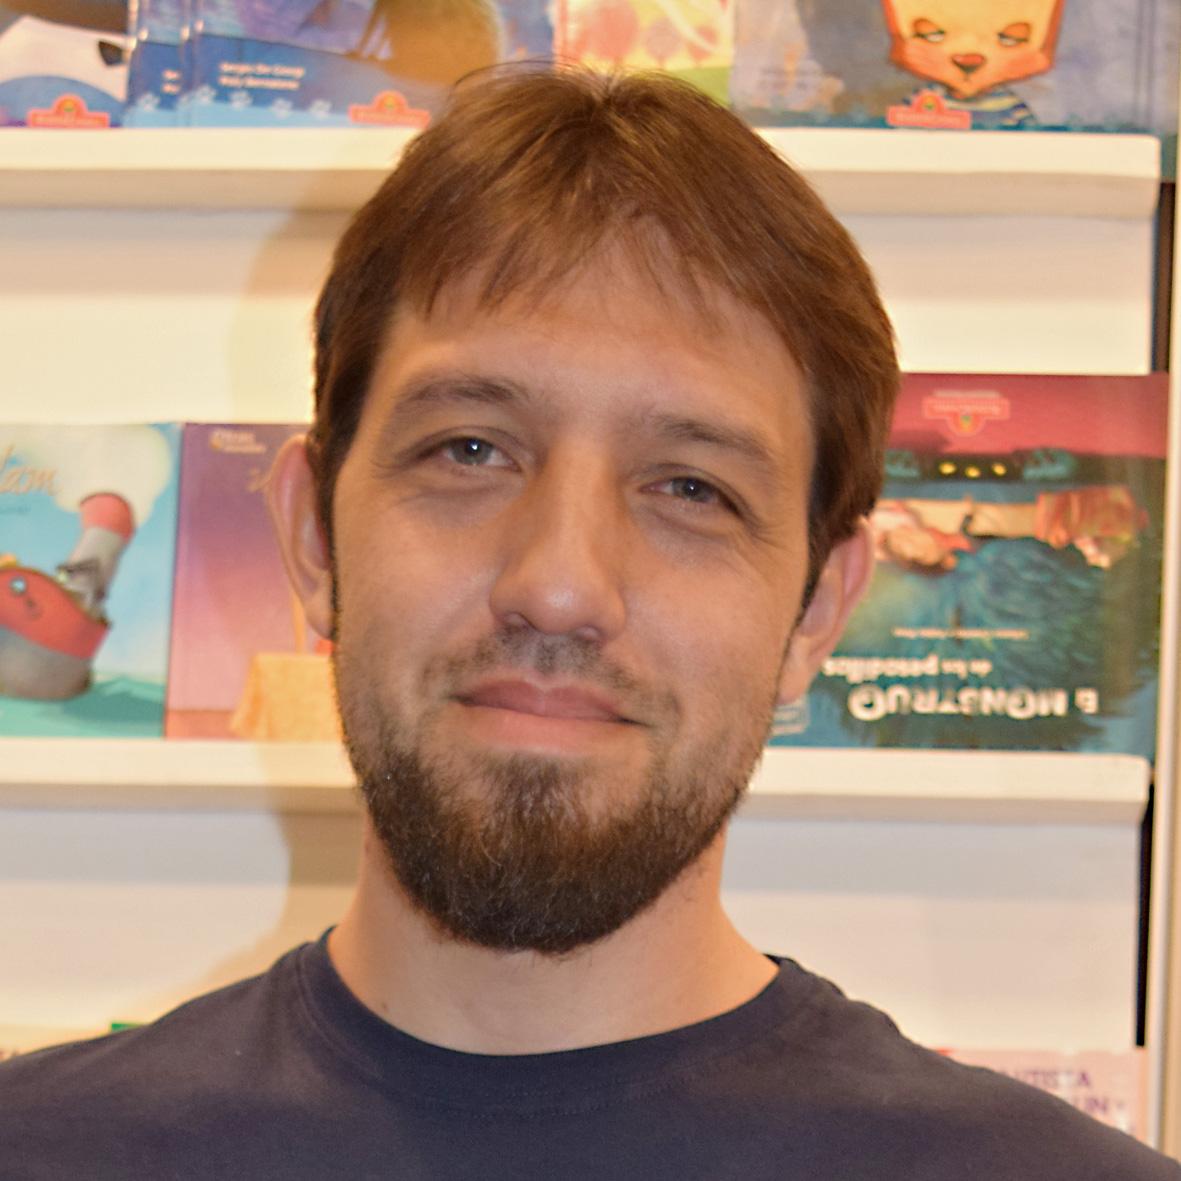 Pablo Pino (Ilustrador)